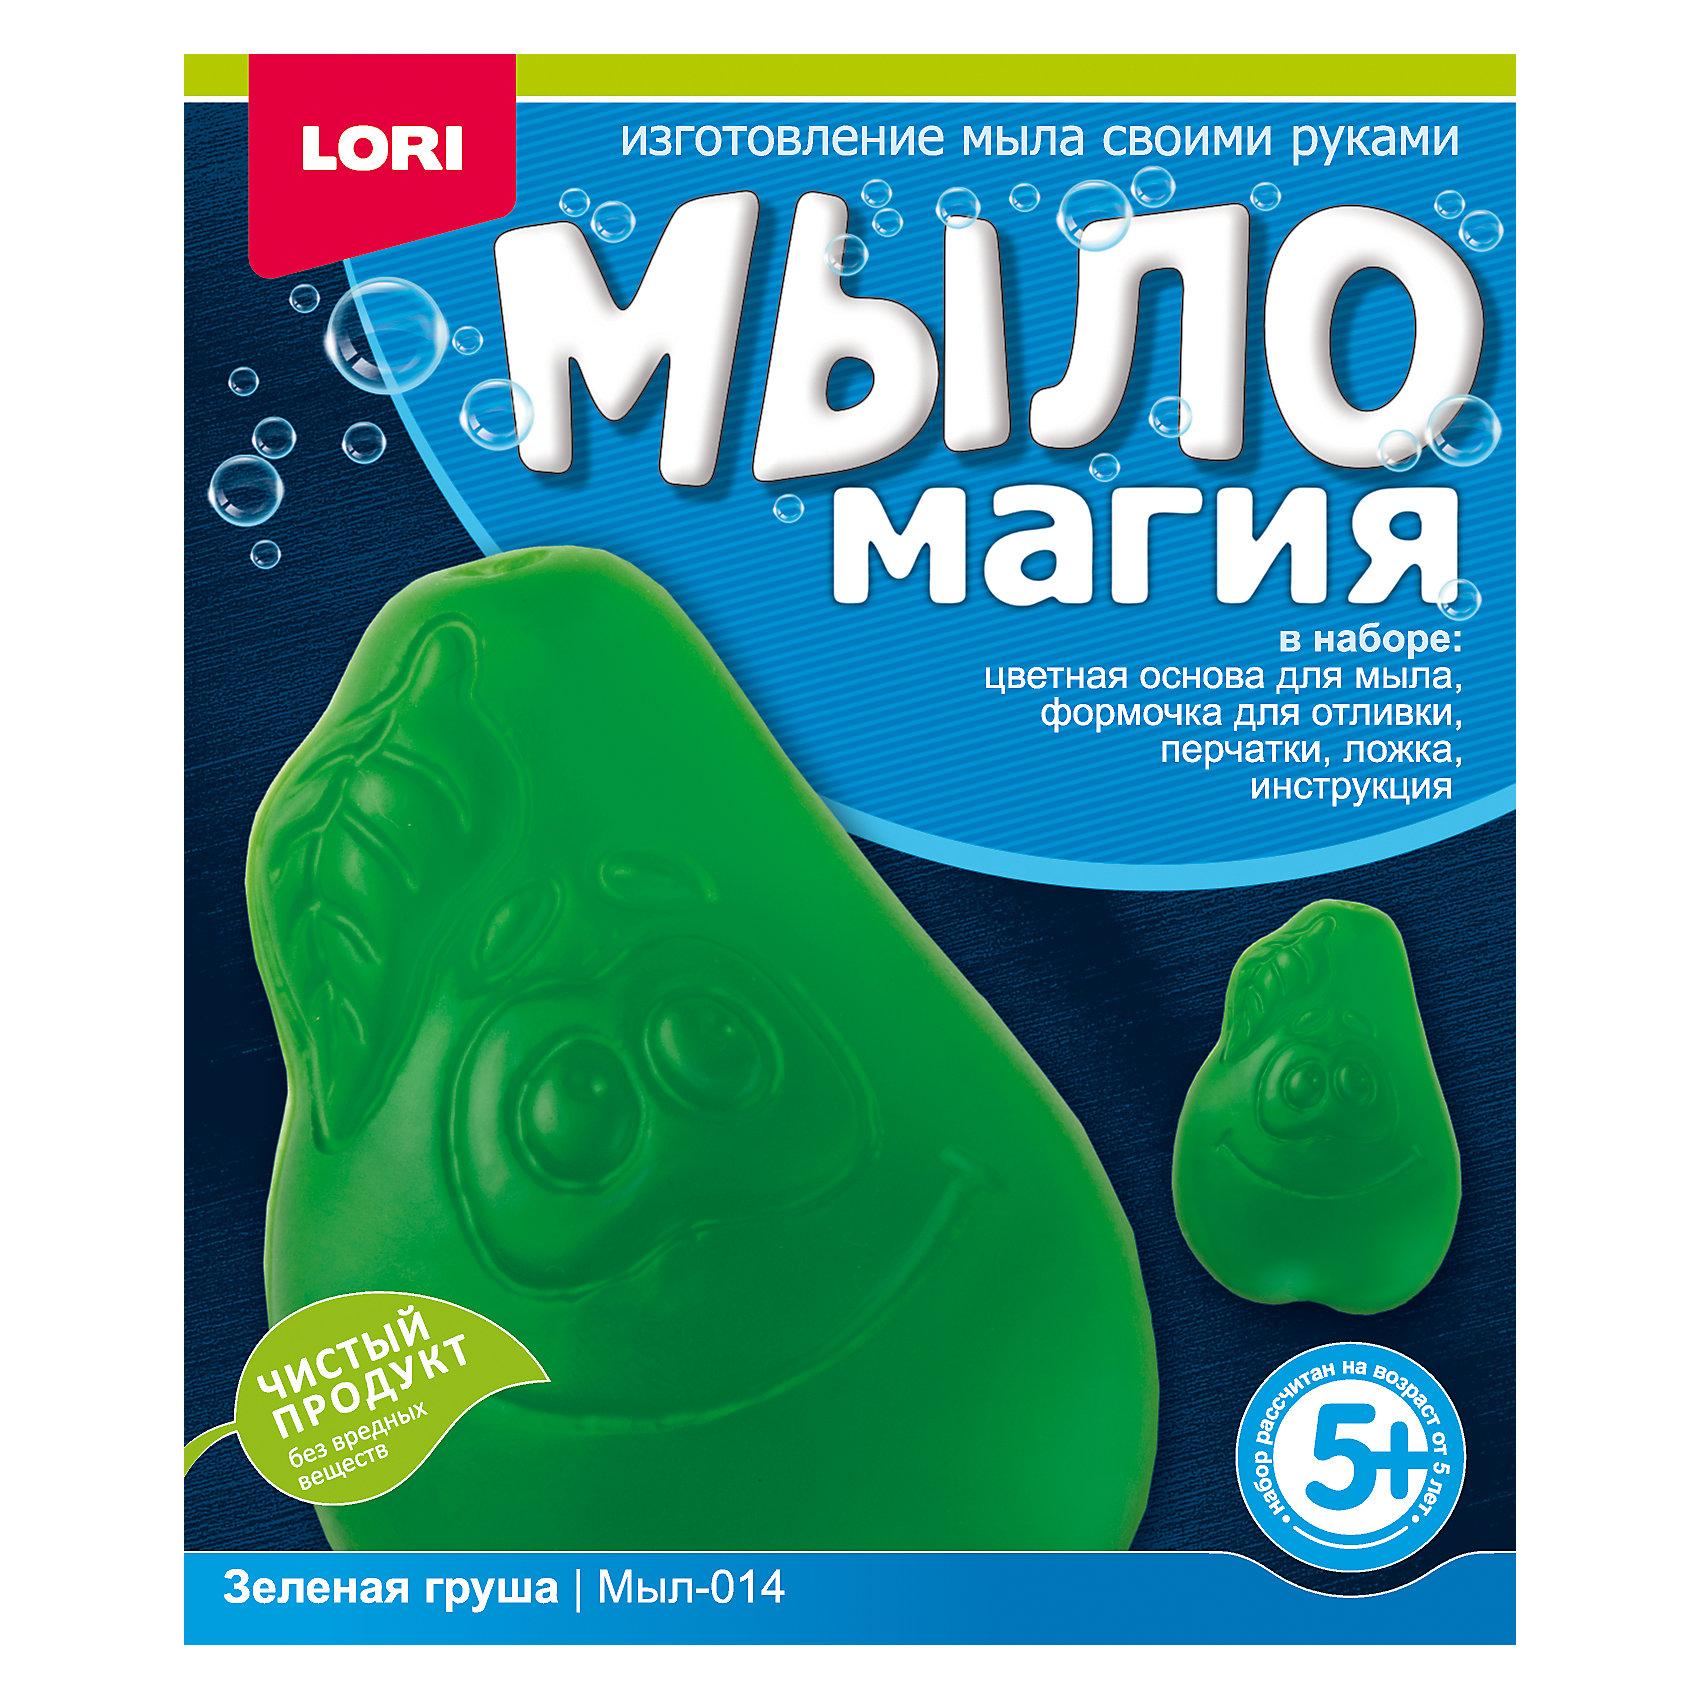 МылоМагия Зеленая грушаСоздание мыла<br>Основа для мыла емкость для растапливания, форма для заливки мыльного раствора, пищевой краситель, пипетка, перчатки, ложка инструкция<br><br>Ширина мм: 40<br>Глубина мм: 135<br>Высота мм: 113<br>Вес г: 350<br>Возраст от месяцев: 60<br>Возраст до месяцев: 84<br>Пол: Унисекс<br>Возраст: Детский<br>SKU: 5032298